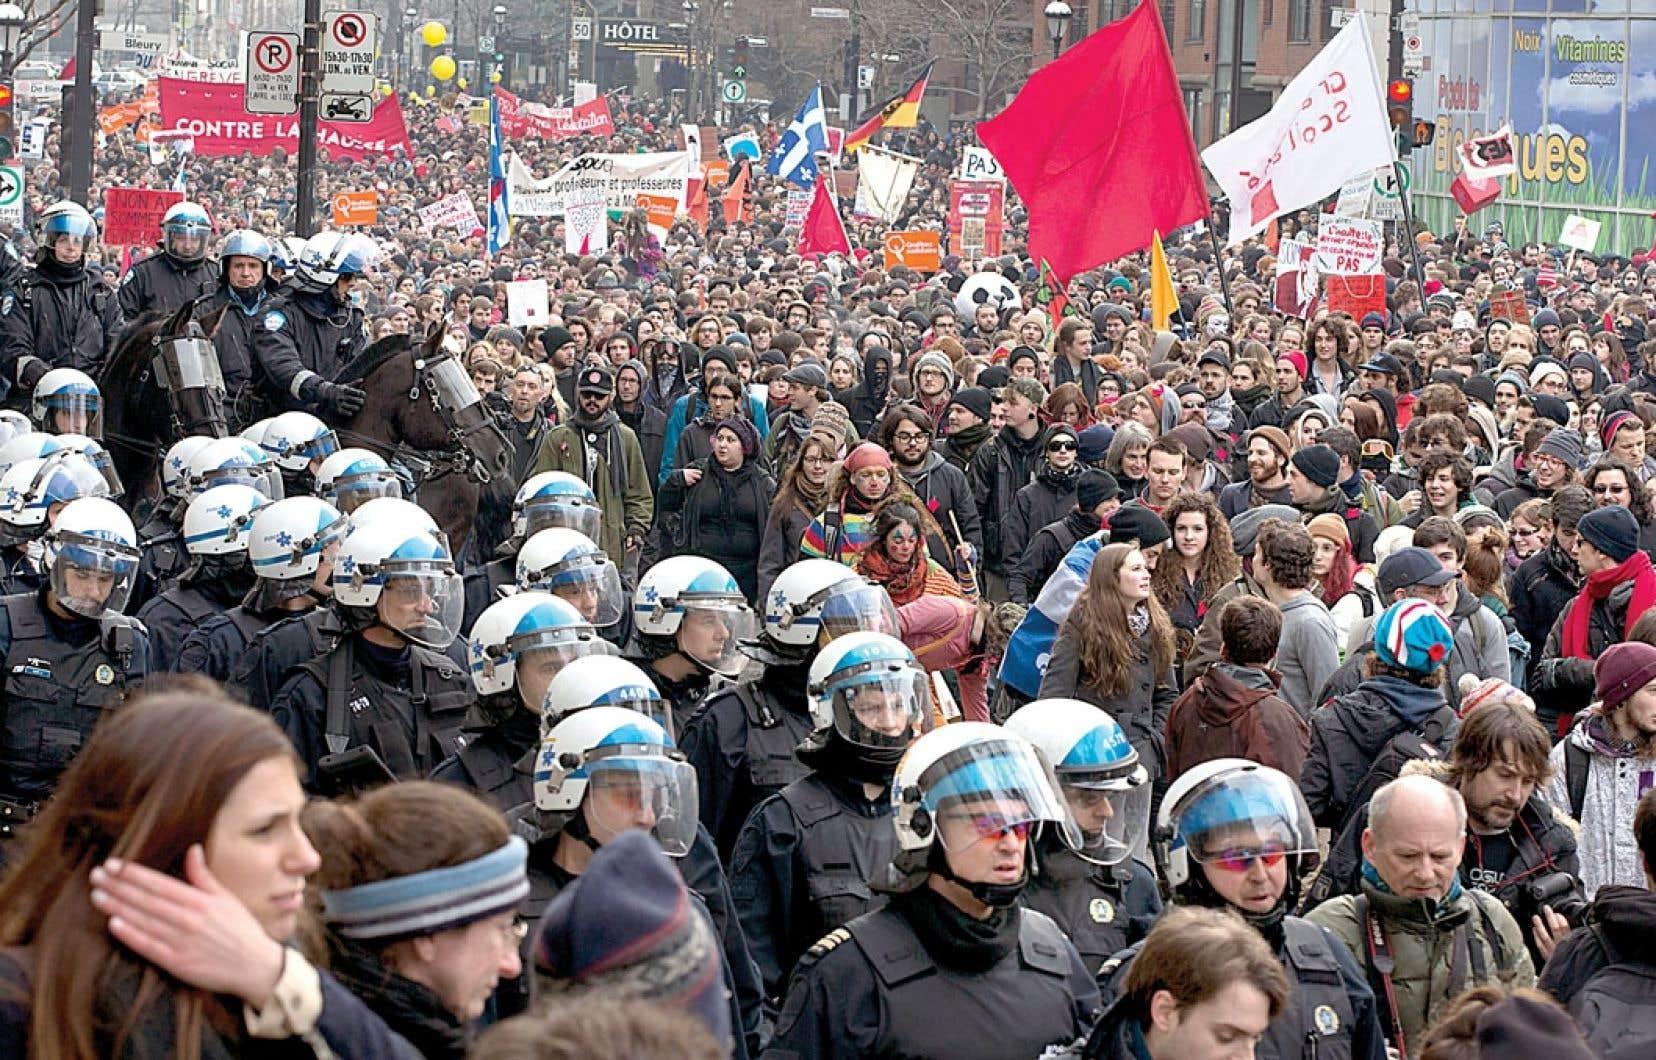 <div> La marche a été pacifique au début, mais le ton a changé lorsque les policiers ont chargé la foule après avoir reçu des projectiles.</div>